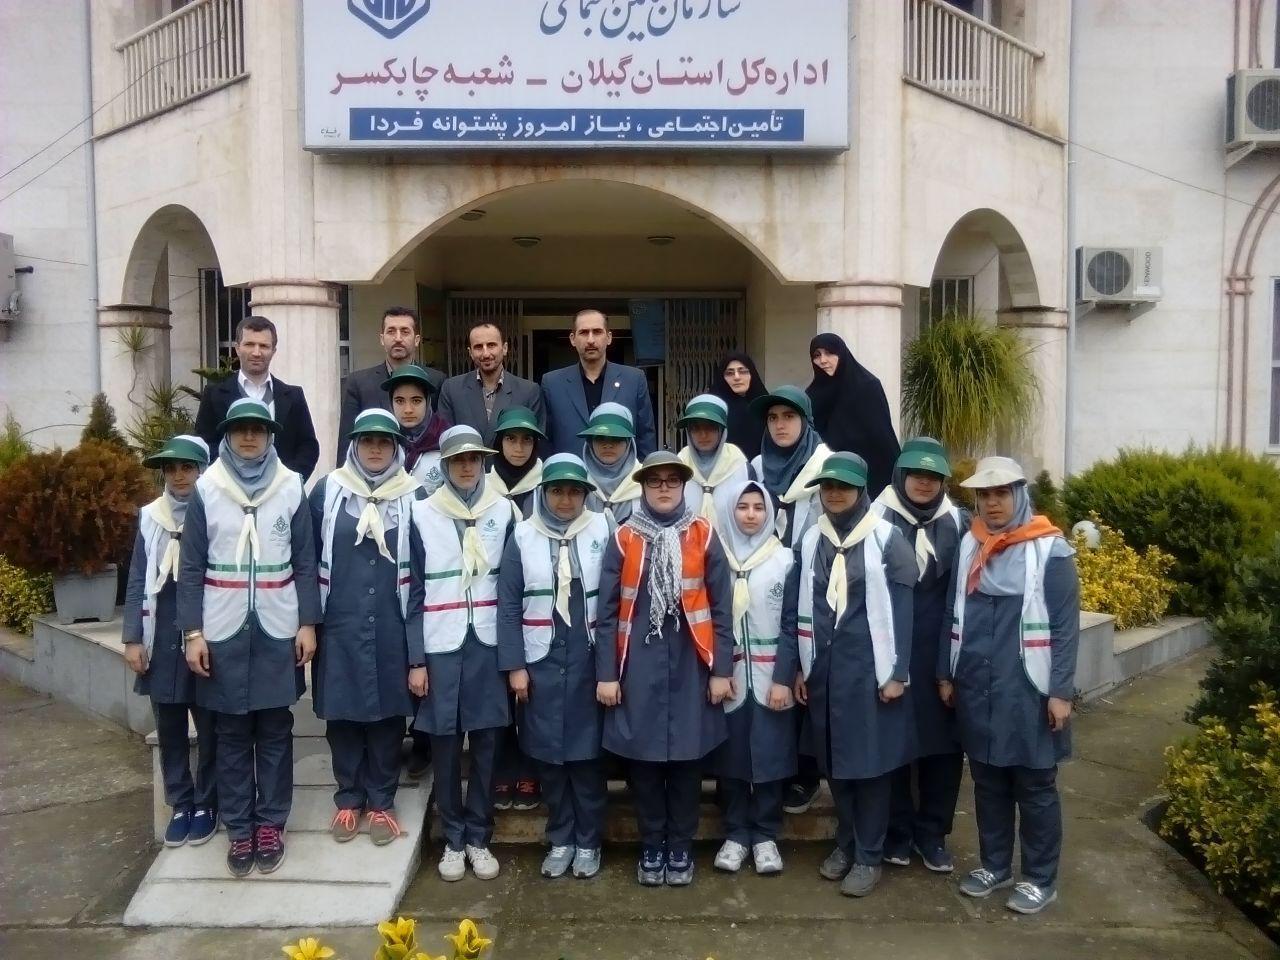 بازدید دانش اموزان گیلانی از شعب بیمه تامین اجتماعی در گیلان